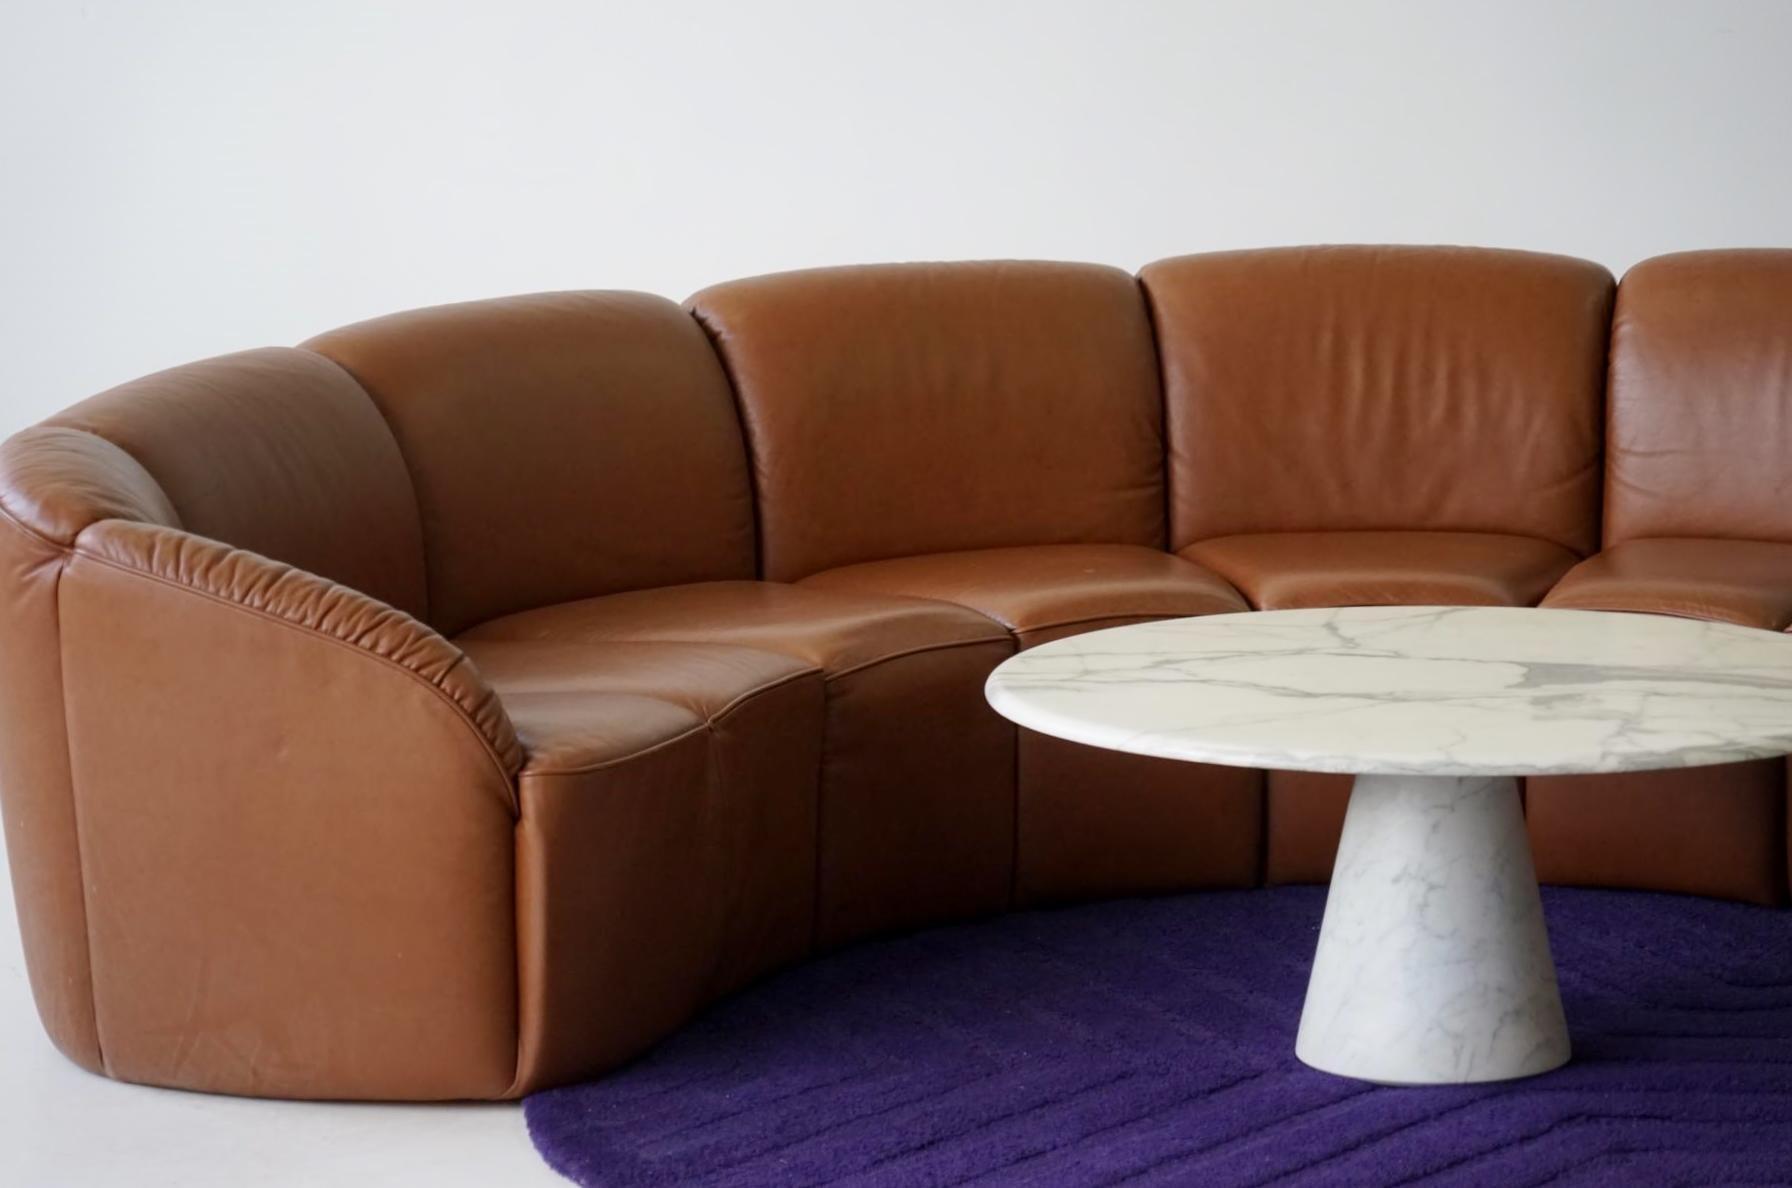 Divano curvo vintage in pelle di walter knoll anni 39 60 in vendita su pamono - Divano curvo design ...